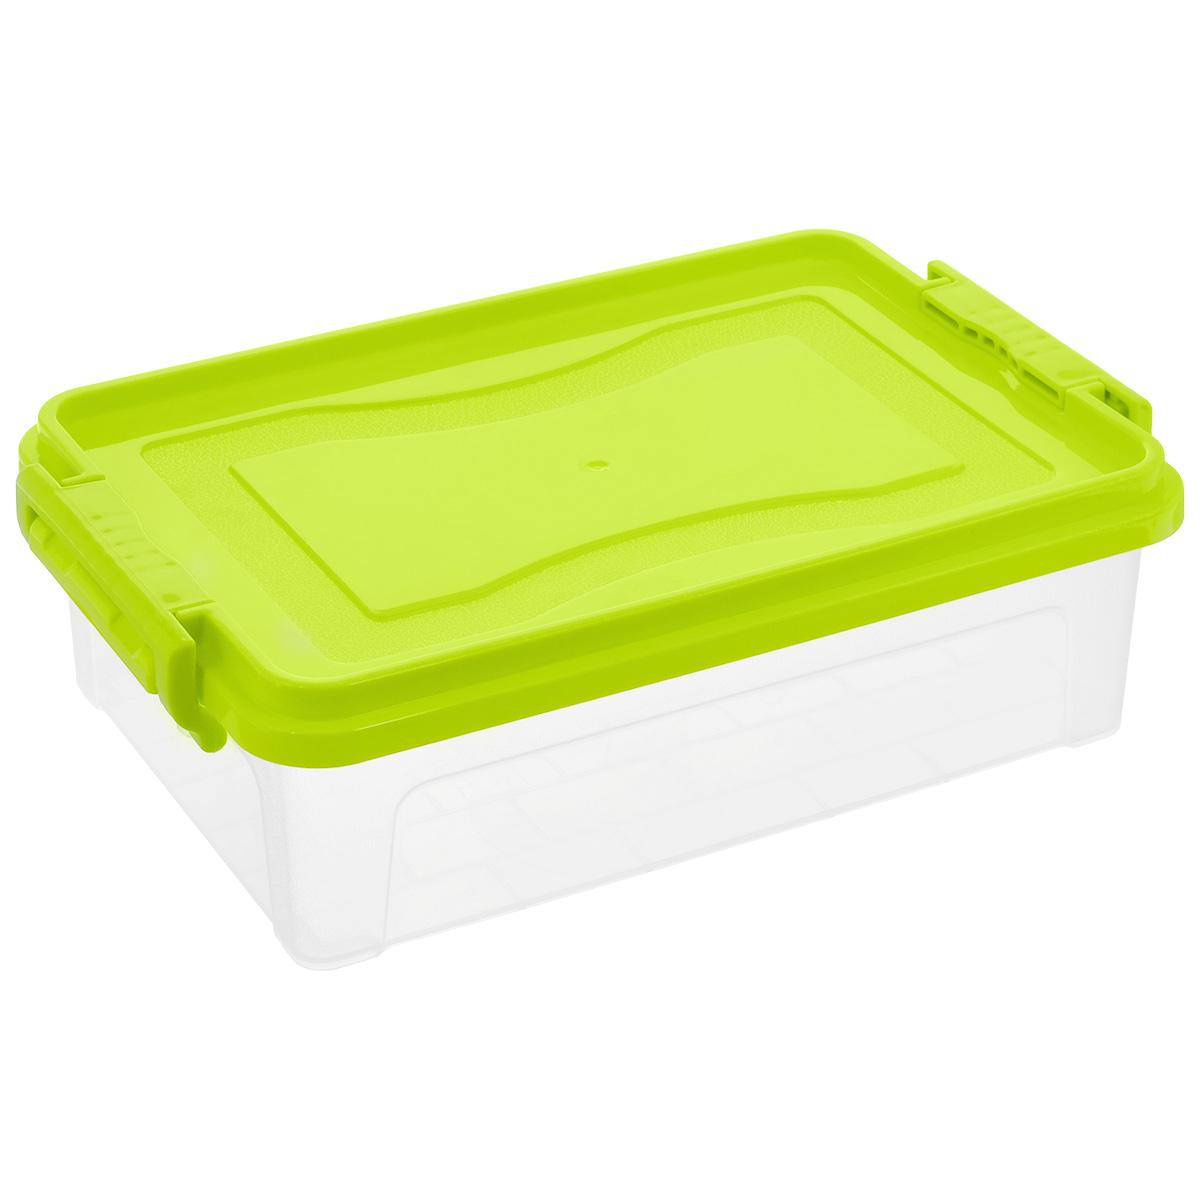 Контейнер для хранения Idea, прямоугольный, цвет: прозрачный, салатовый, 3,6 лUP210DFКонтейнер для хранения Idea выполнен из высококачественного пластика. Контейнер снабжен двумя пластиковыми фиксаторами по бокам, придающими дополнительную надежность закрывания крышки. Вместительный контейнер позволит сохранить различные нужные вещи в порядке, а герметичная крышка предотвратит случайное открывание, защитит содержимое от пыли и грязи.